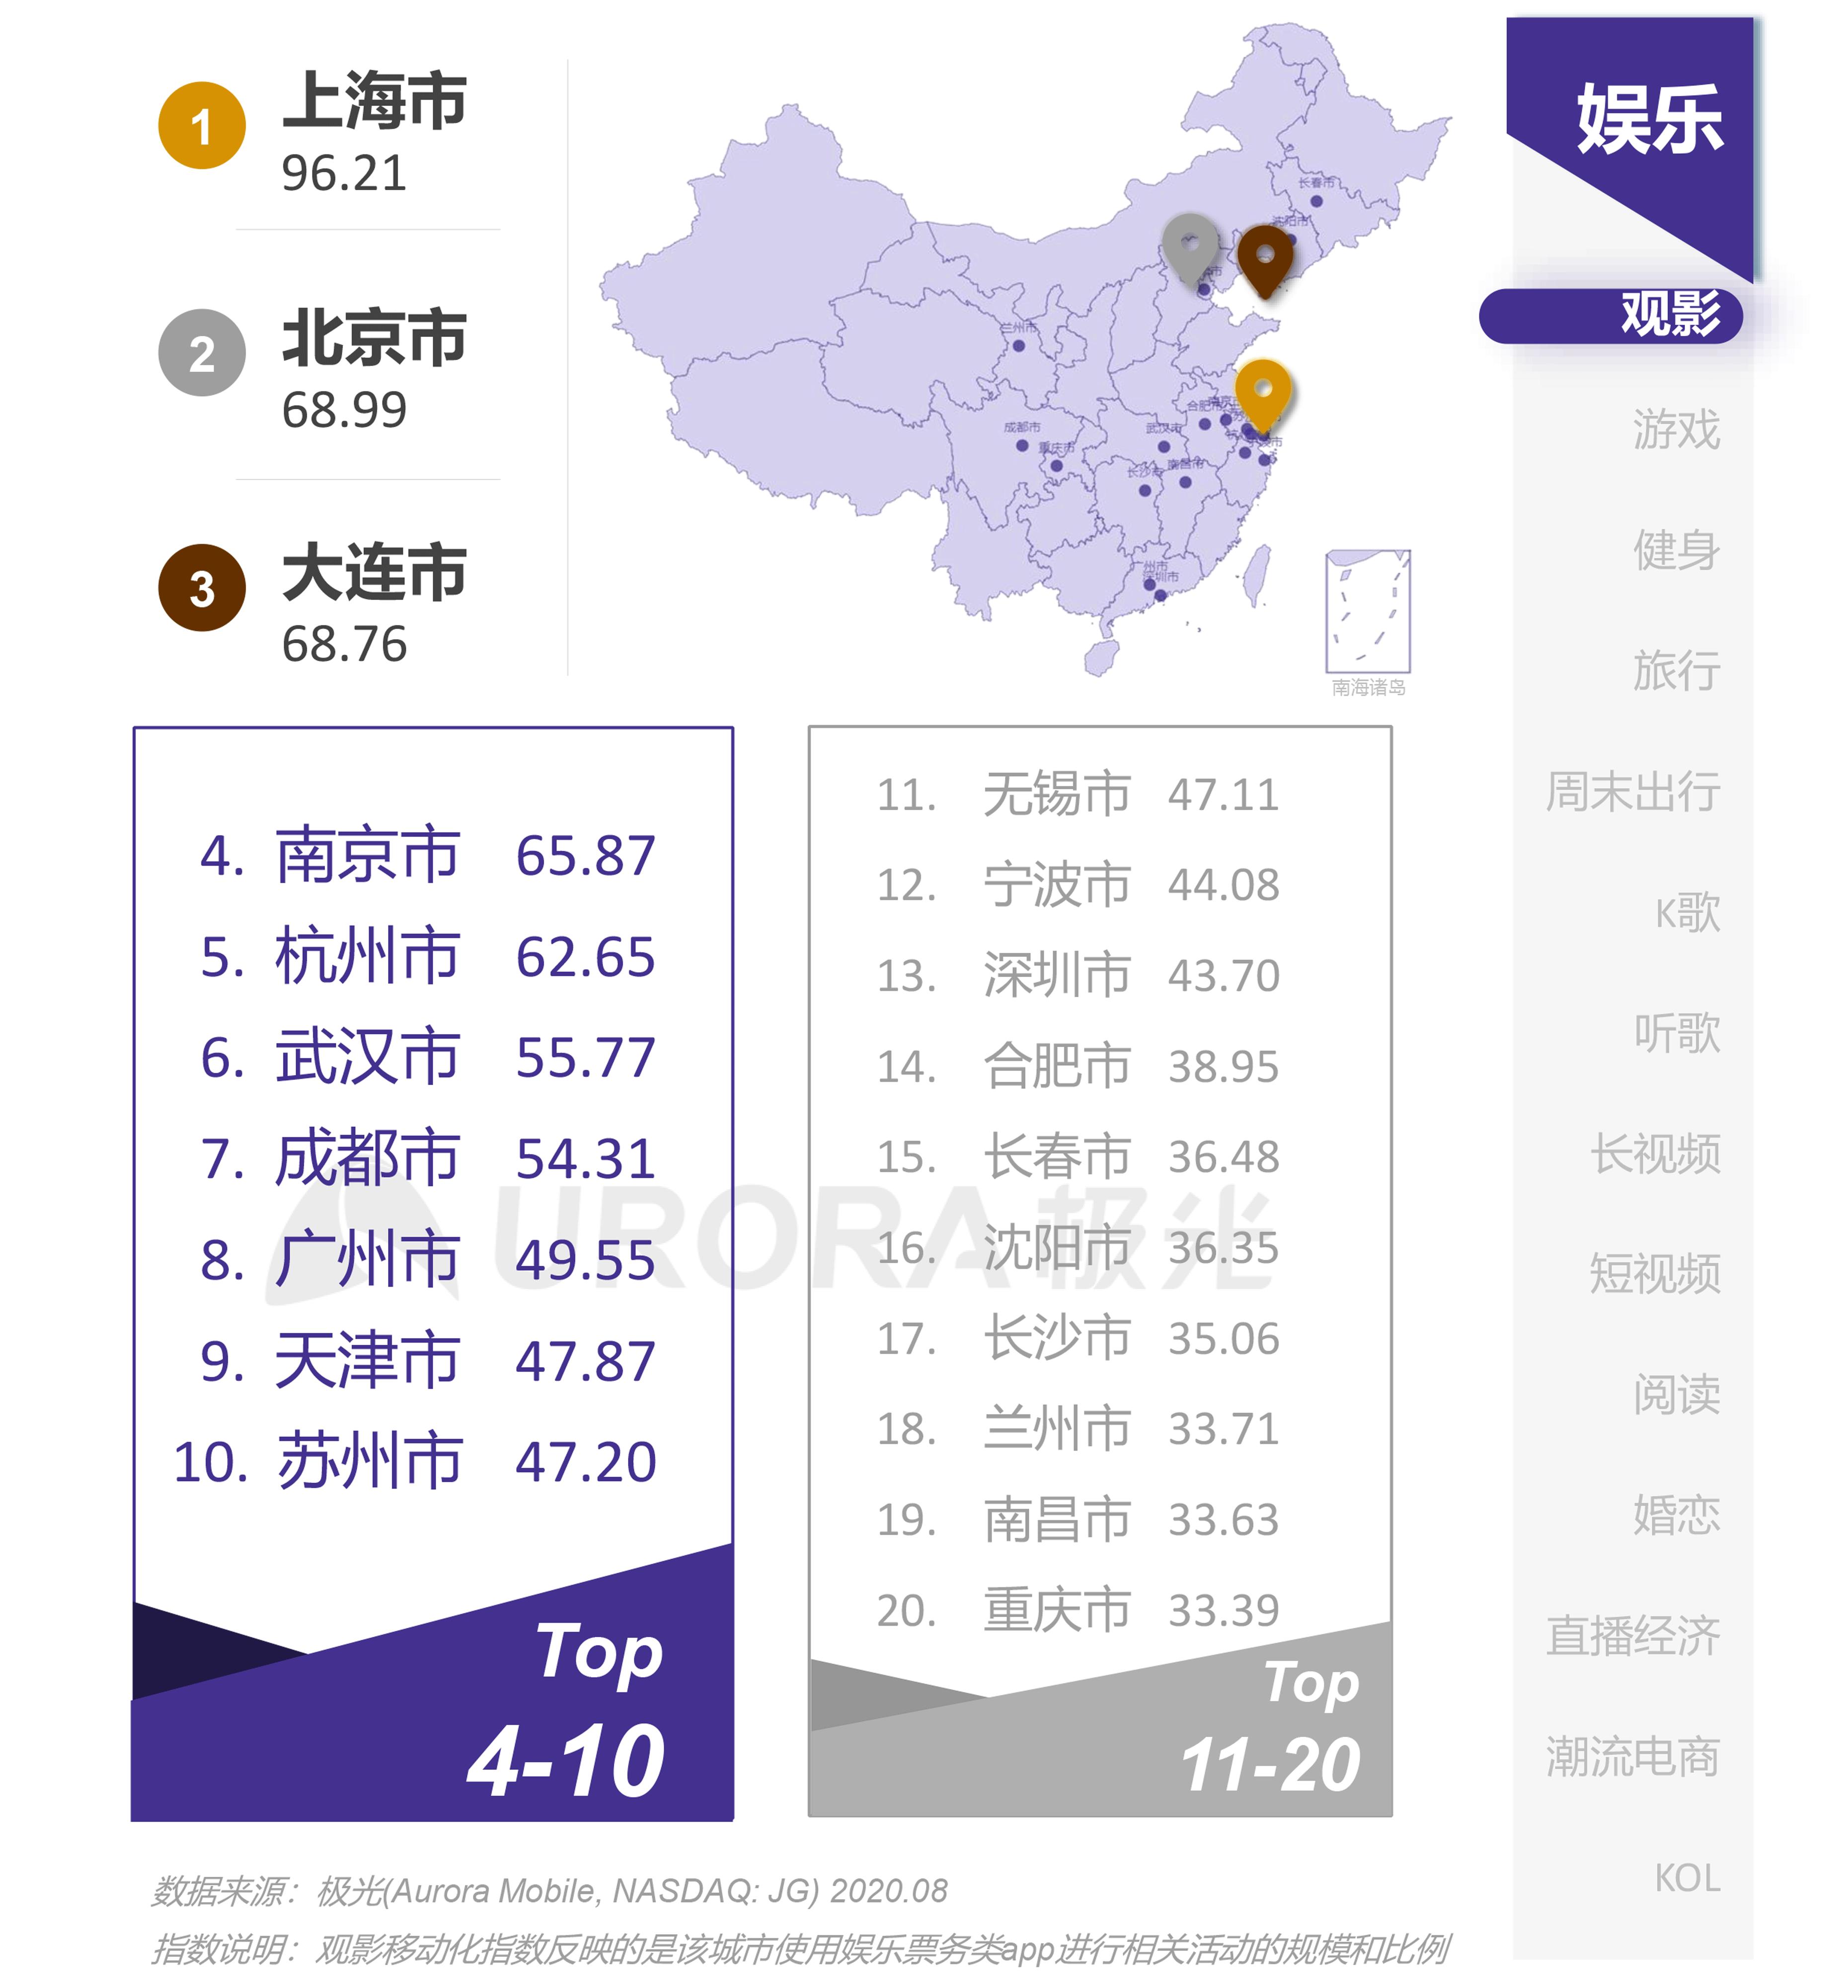 极光:互联网城市榜单 (19).png